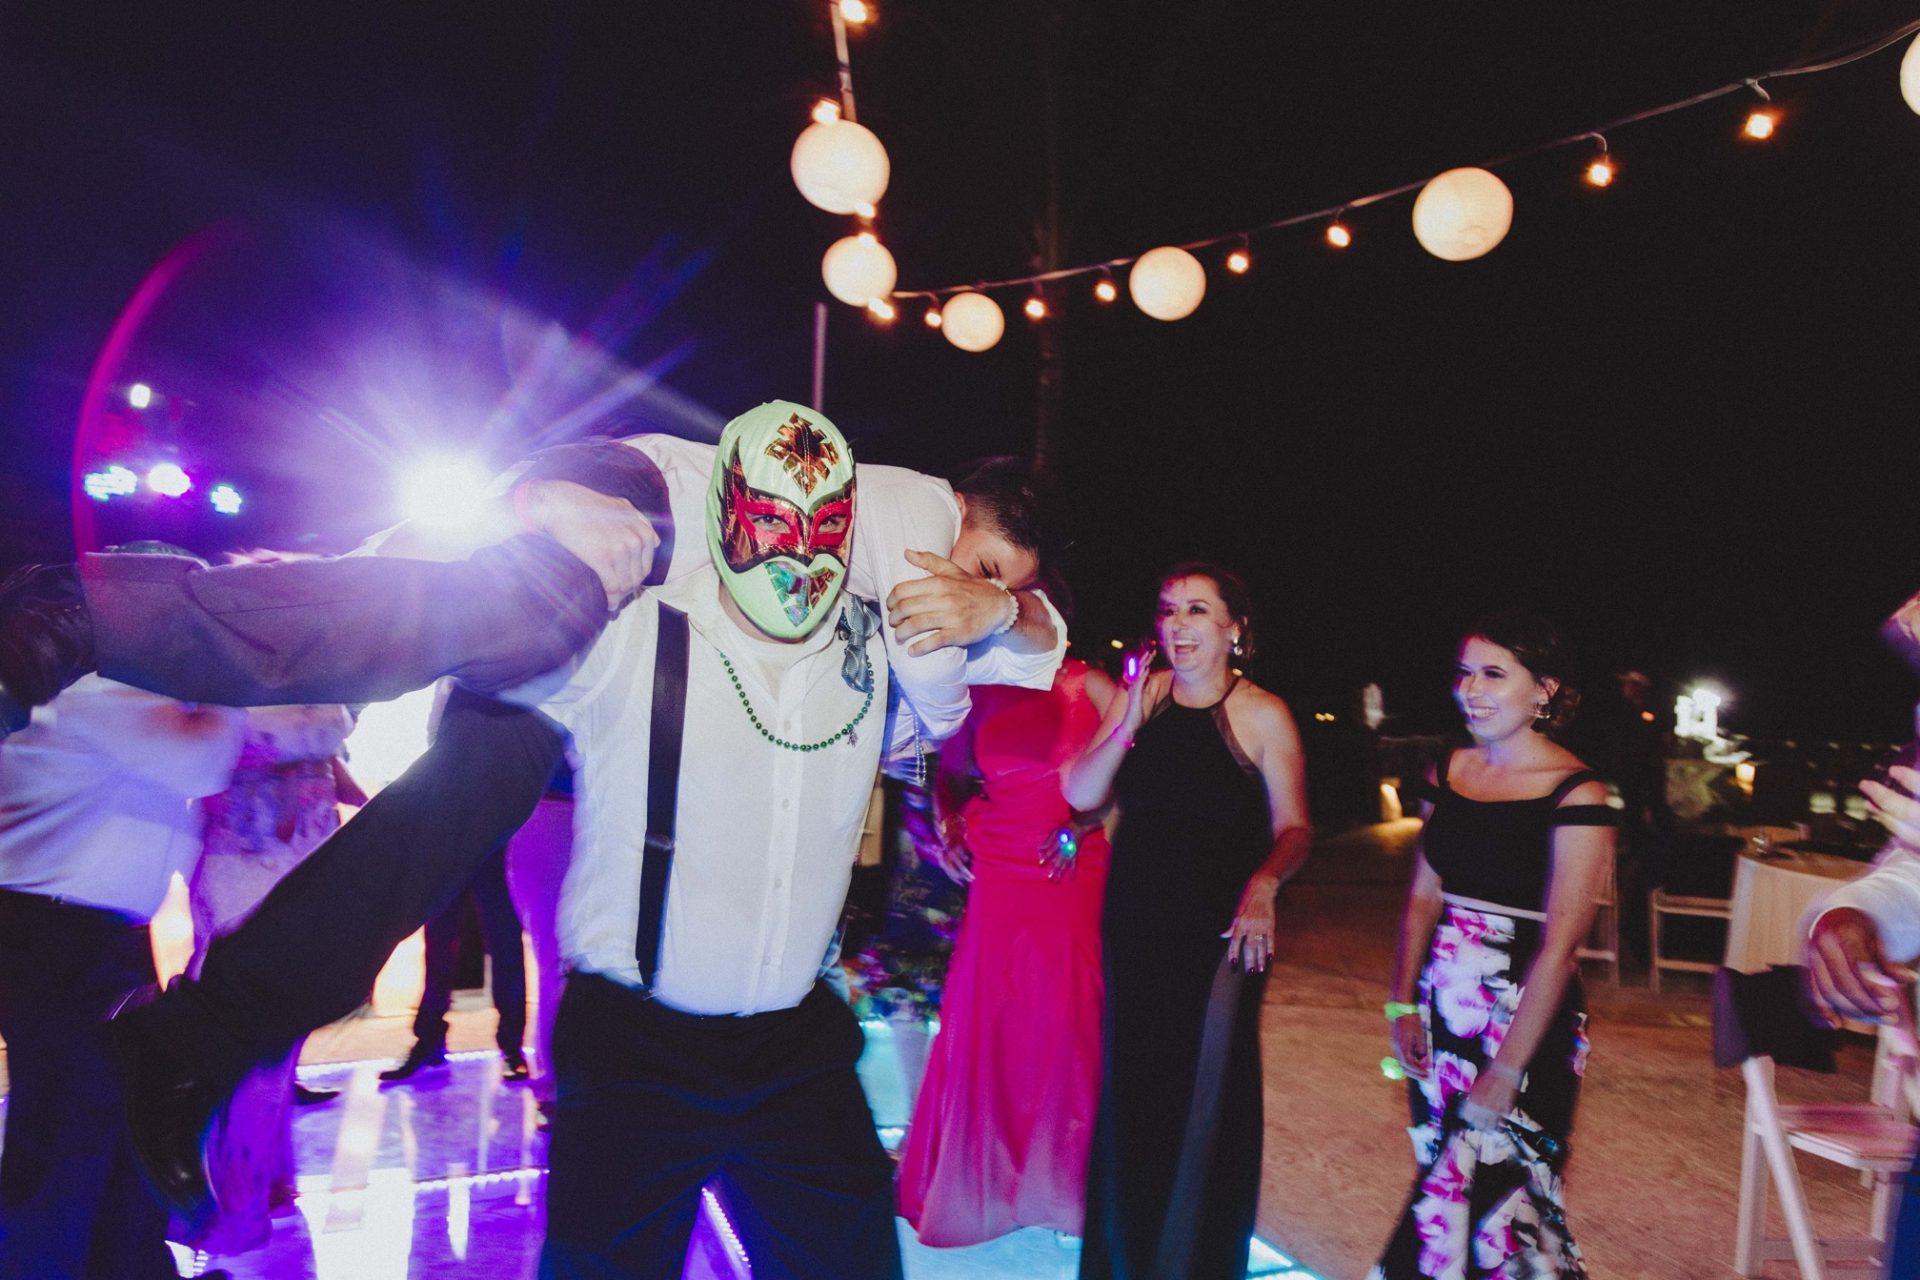 fotografo_bodas_profesional_zacatecas_riviera_maya_cancun-287